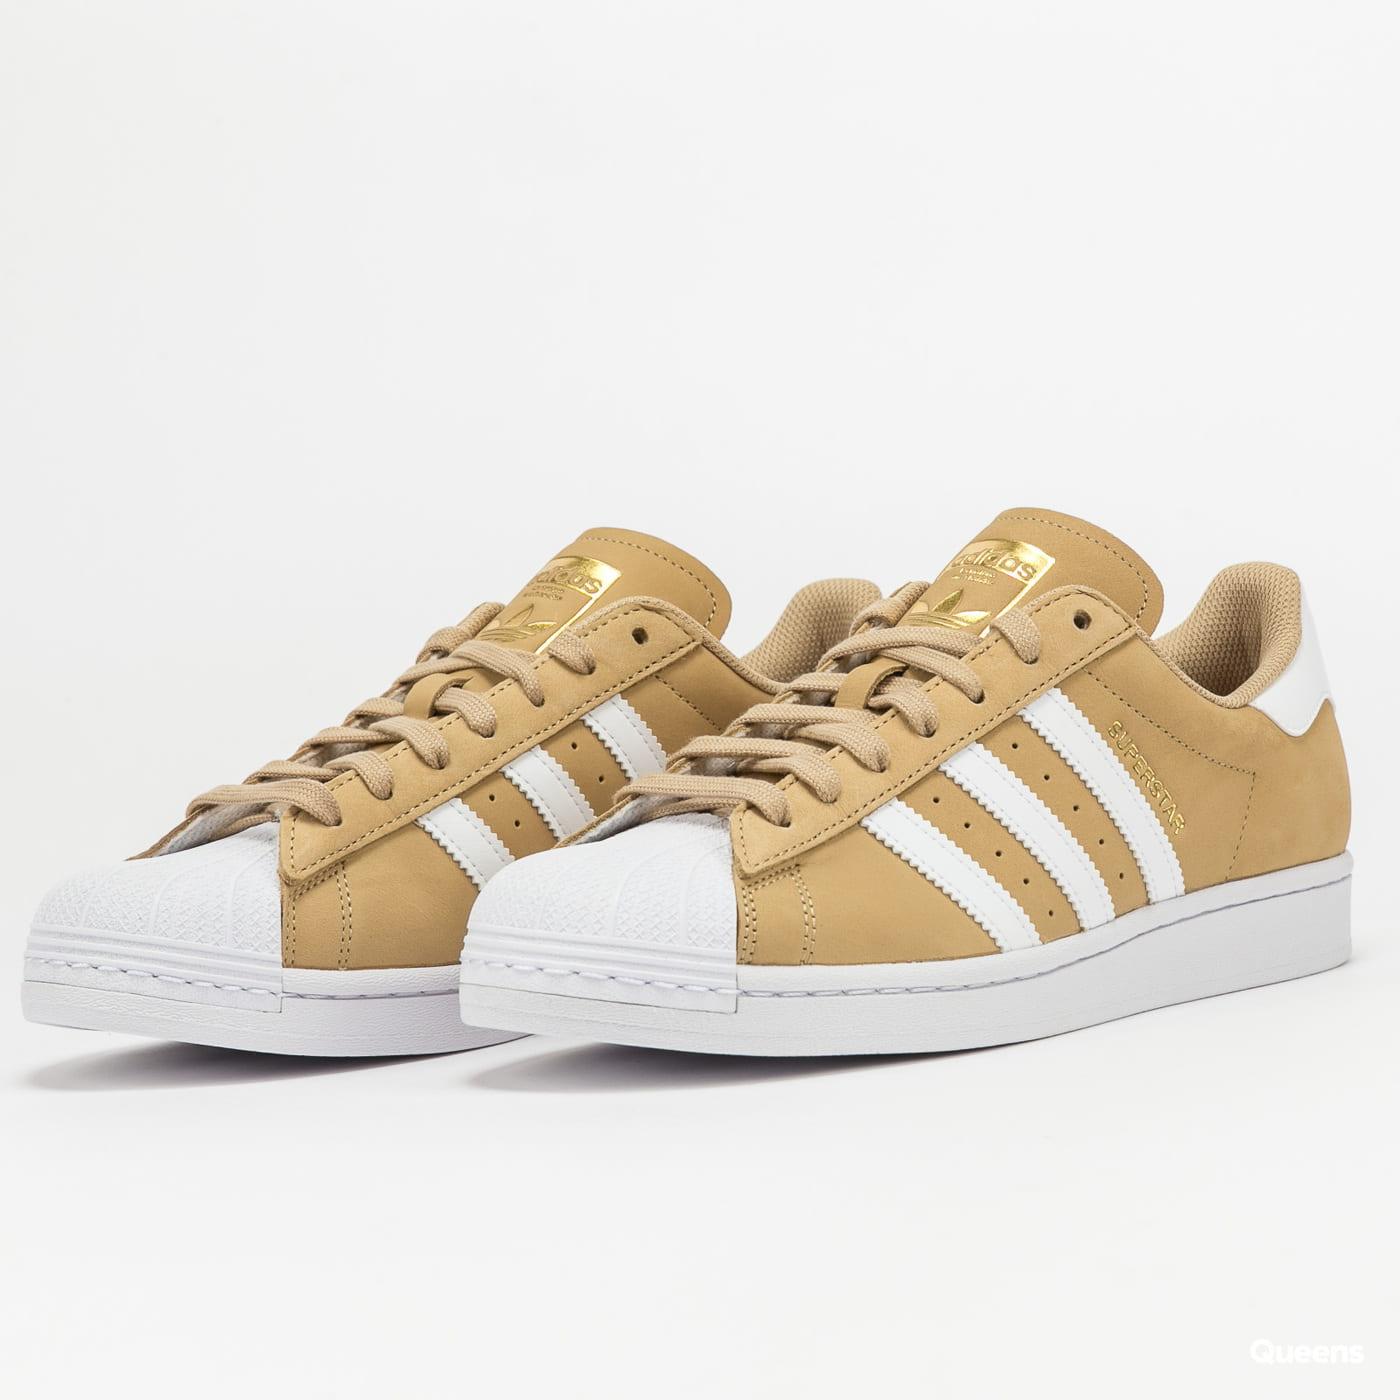 adidas Originals Superstar beiton / ftwwht / goldmt